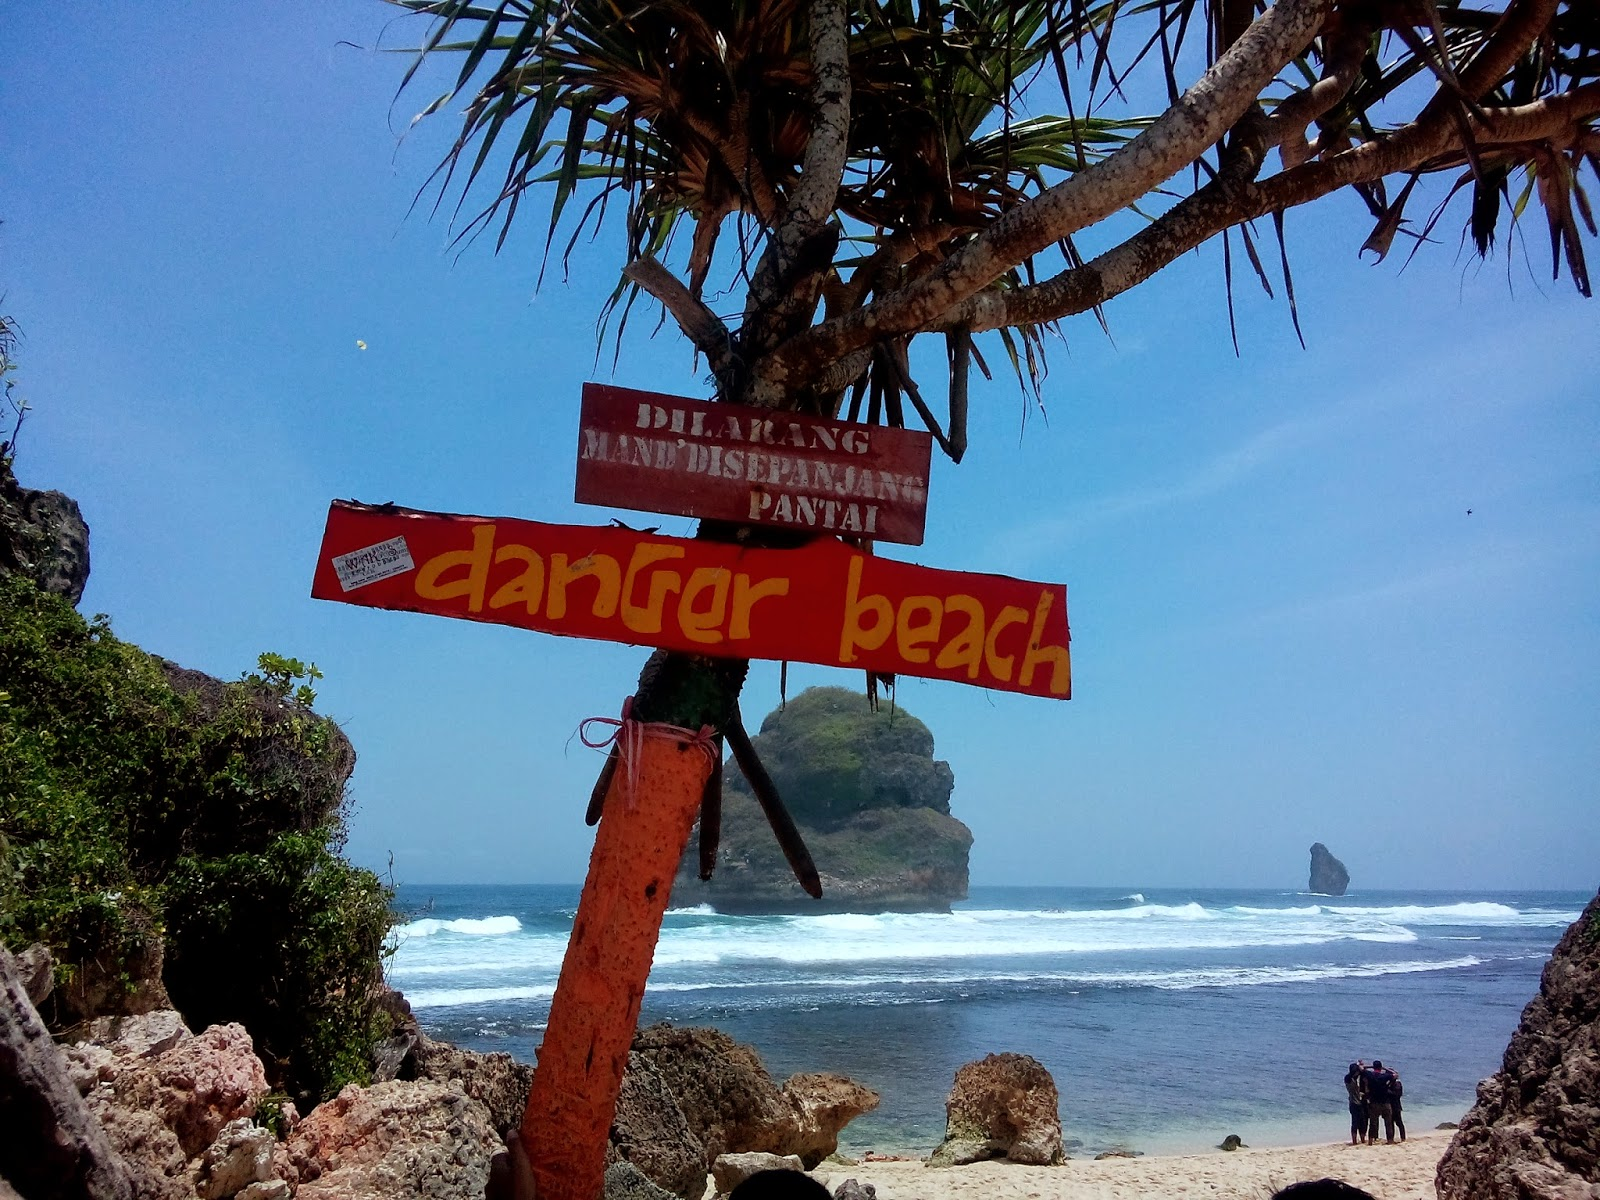 Eksotisme Pantai Goa China Wisata Jatim Malang Caution Cina Kab